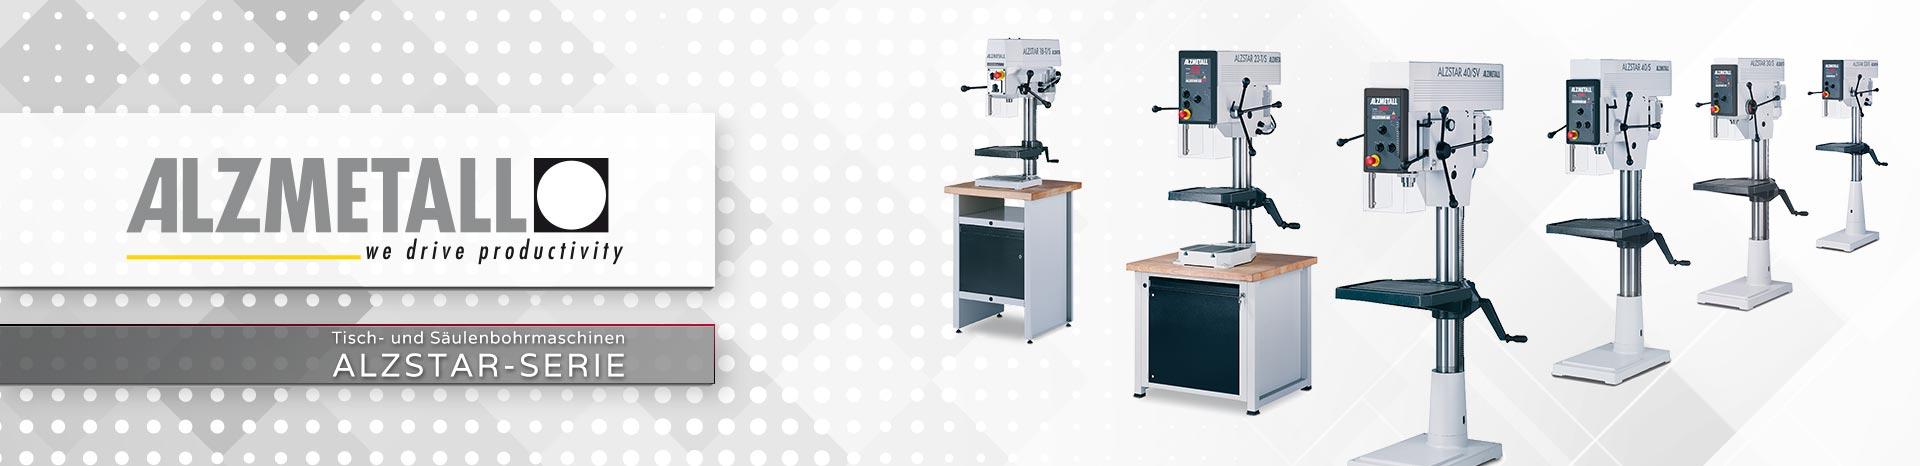 Die Alzstar-Serie in der Übersicht | Säulen- und Tischbohrmaschinen